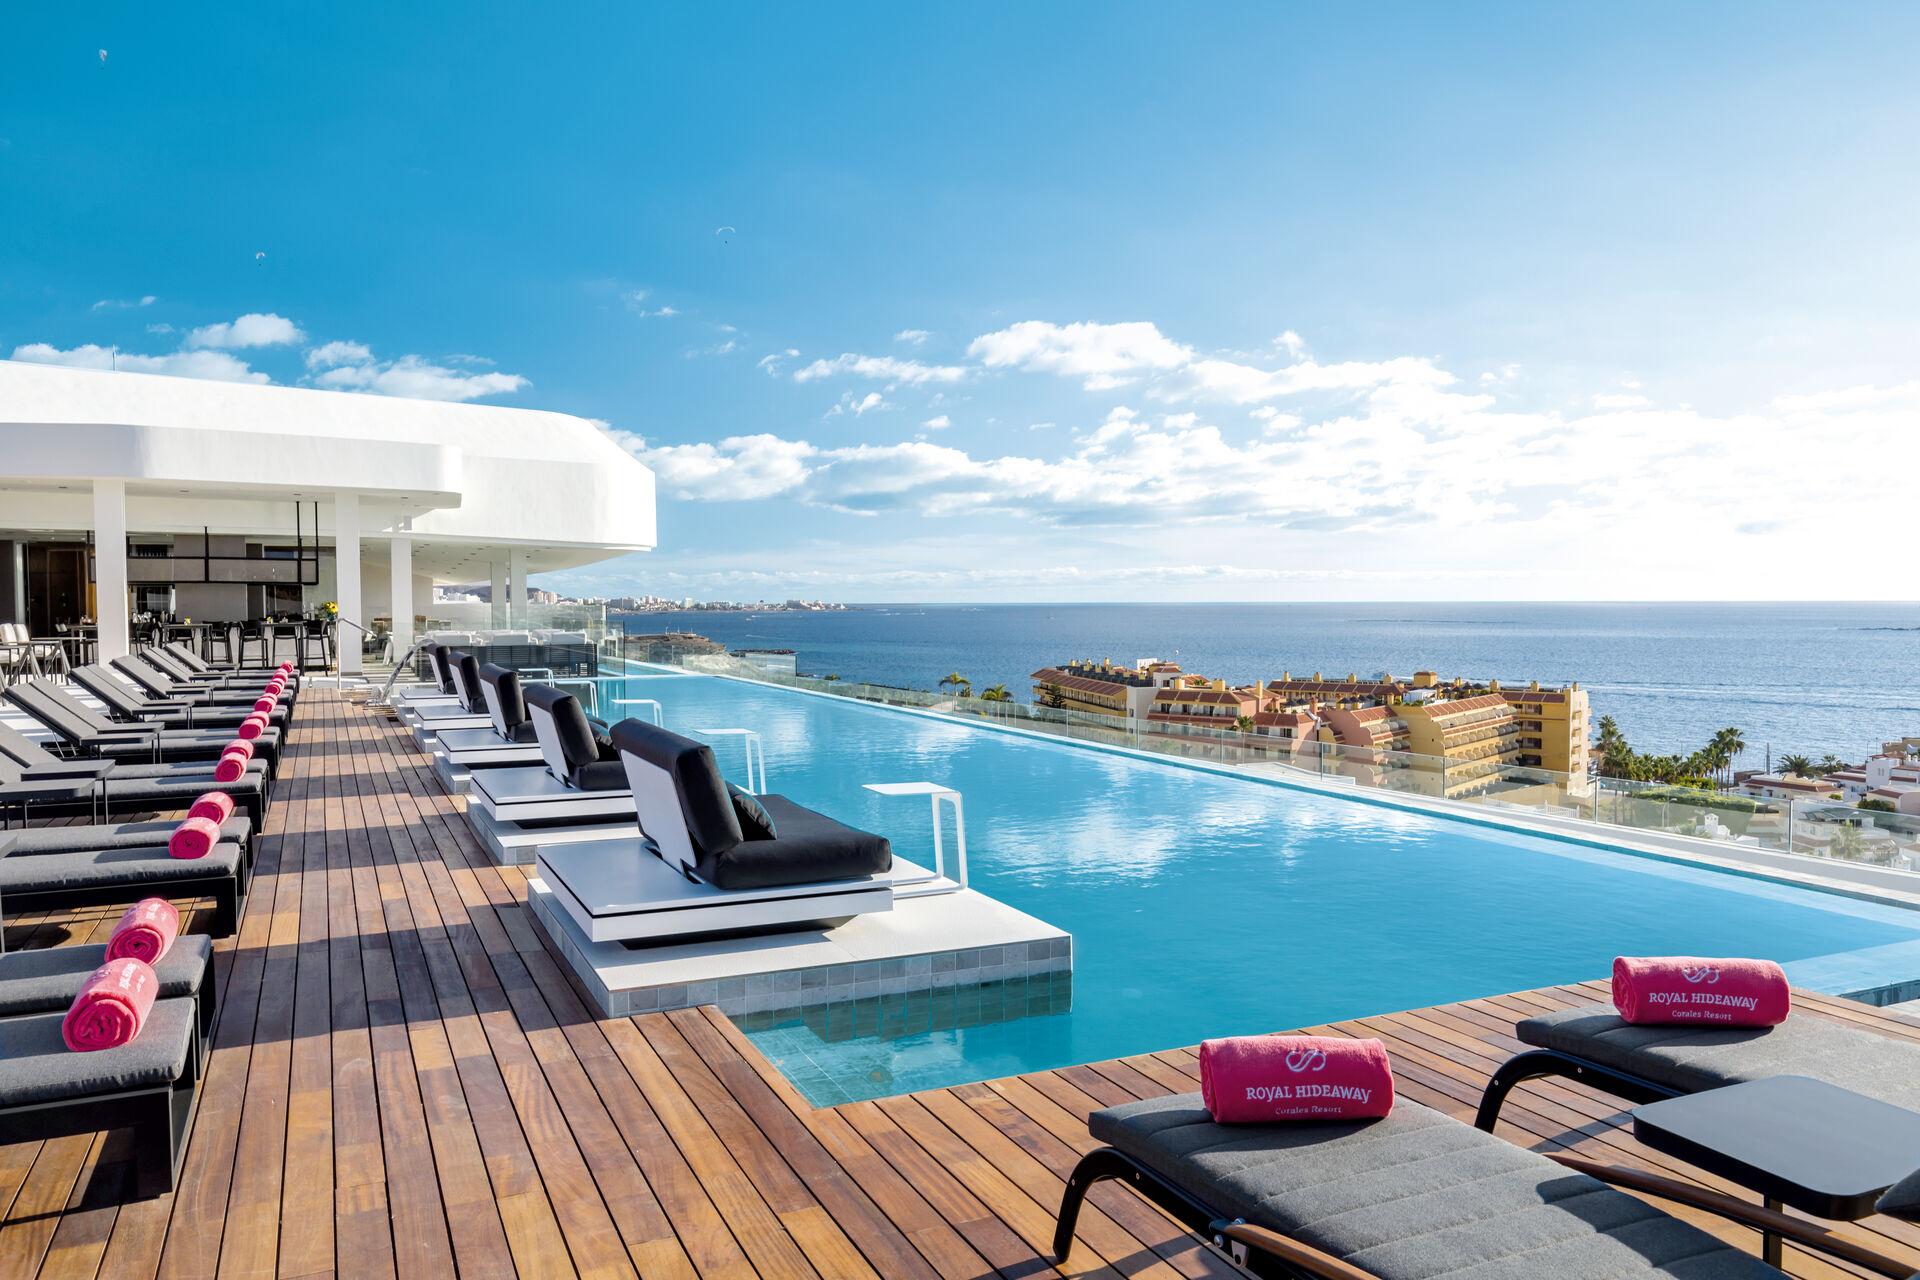 Séjour Espagne - Hotel Royal Hideaway Corales Beach - 5*